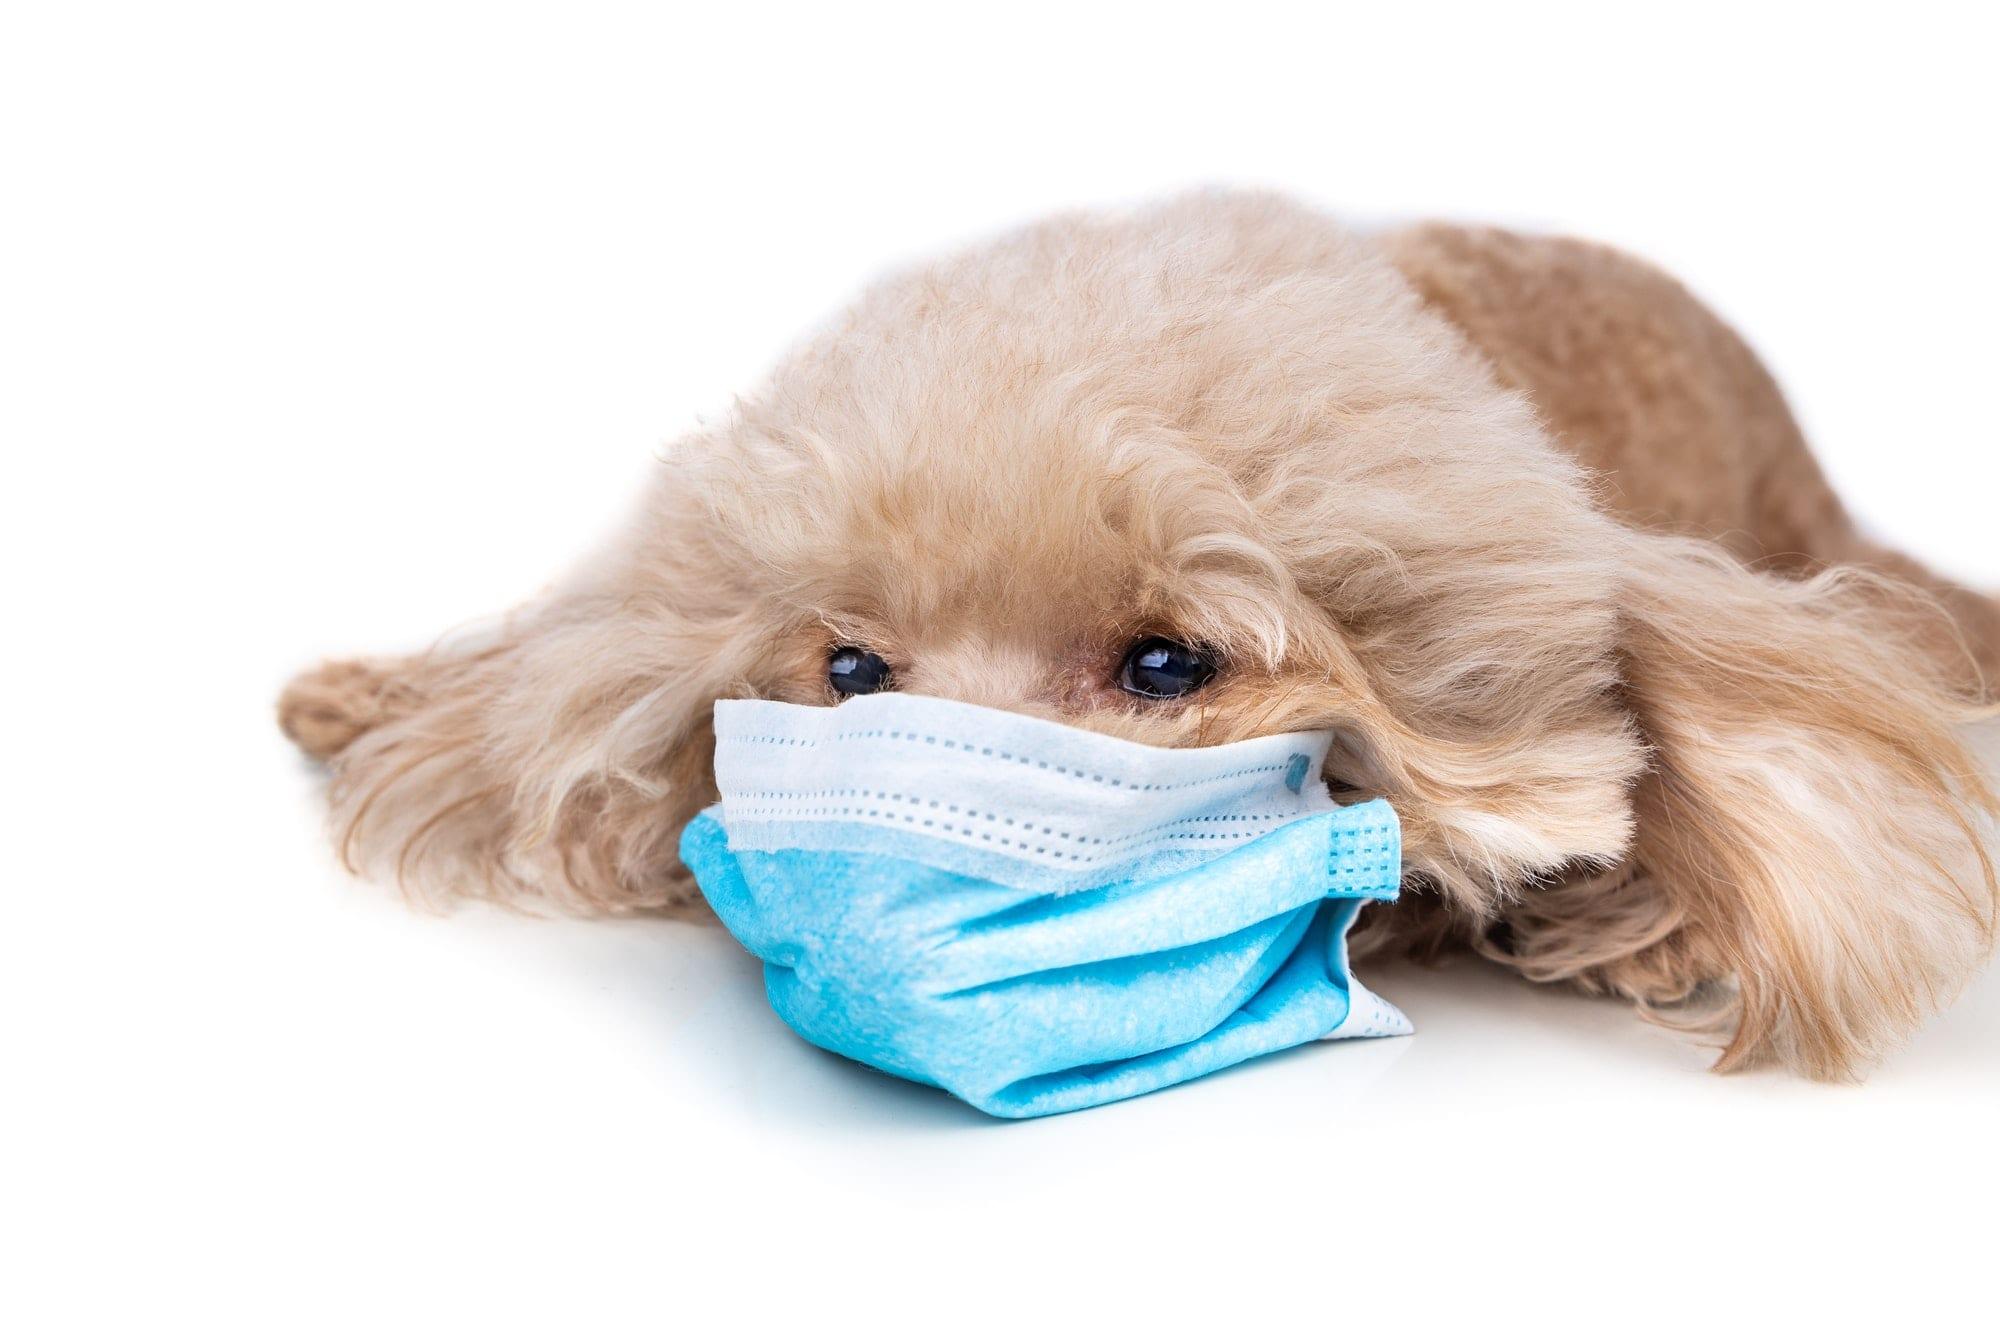 top veterinarians describe most common types of cat allergies